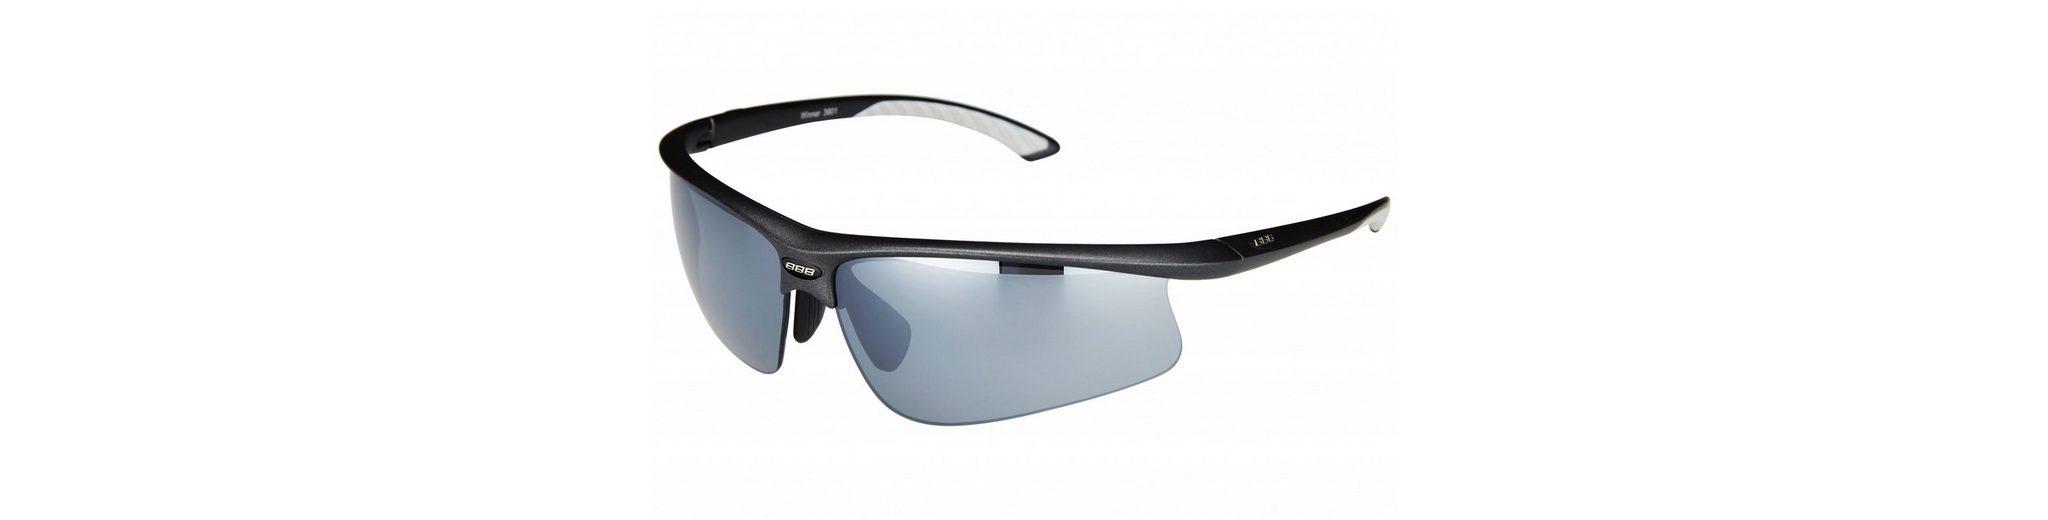 BBB Radsportbrille »Winner BSG-39 Sonnenbrille matt schwarz«